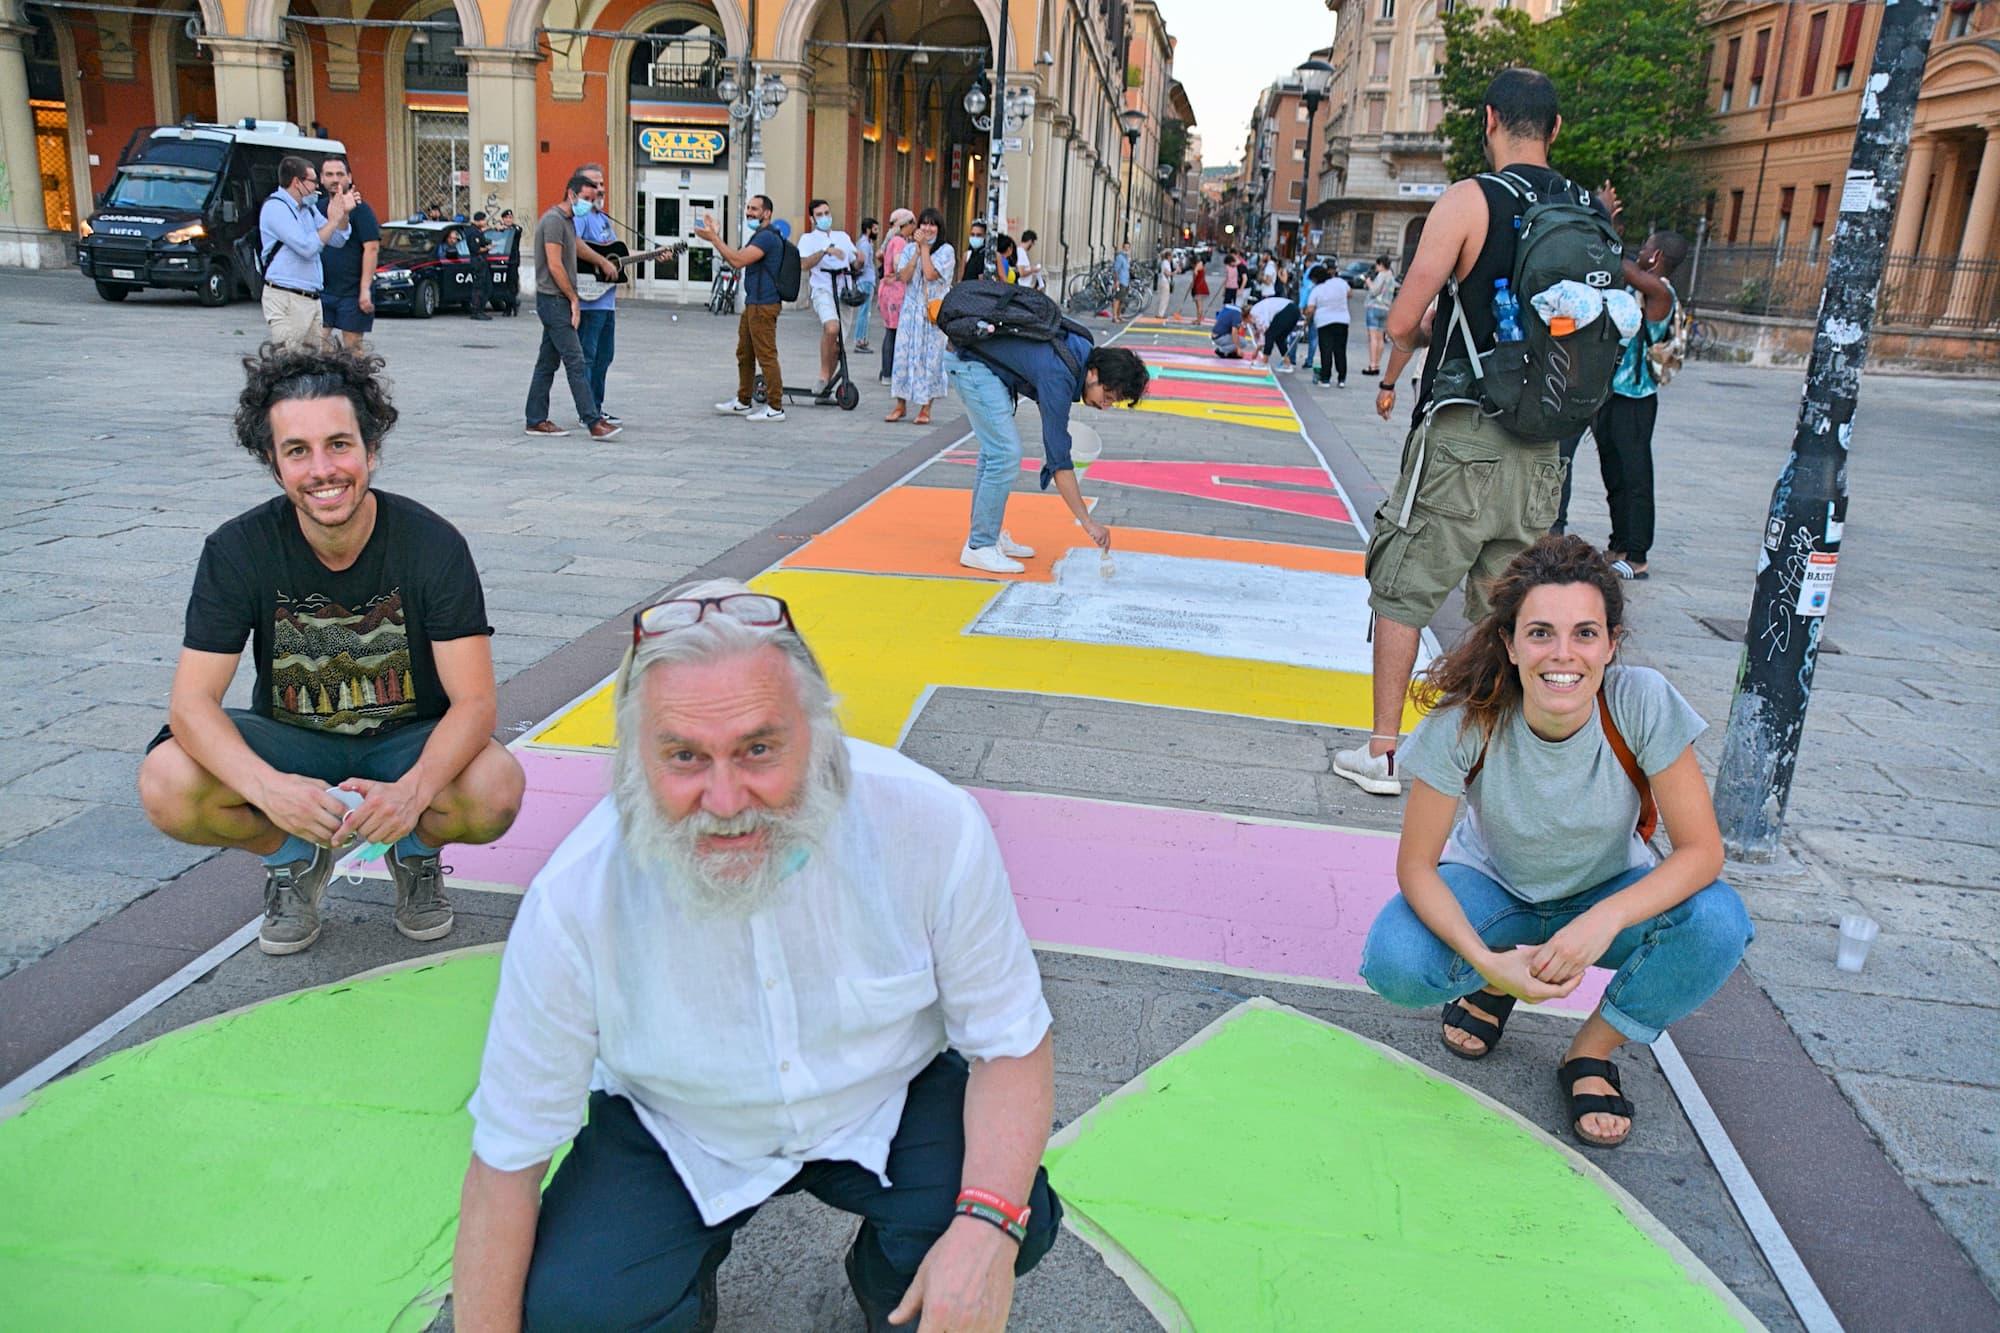 広場には「イワシ運動」発起人のMattia Santori(マティア・サントーリ)さん(写真左)とGiulia Trappoloni(ジュリア・トラッポローニ)さん(写真右)に加え、貧困者支援のための食堂「Cucine Popolari(クッチーネ・ポポラーリ)」の主催や、副代表を務めるホームレス支援団体「Piazza Grande(ピアッツァ・グランデ)」などの活動により、昨年イタリア共和国のマッタレッラ大統領からコンメンダトーレという功労勲章を授与されたRoberto Morgantini(ロベルト・モルガンティーニ)氏も参加。